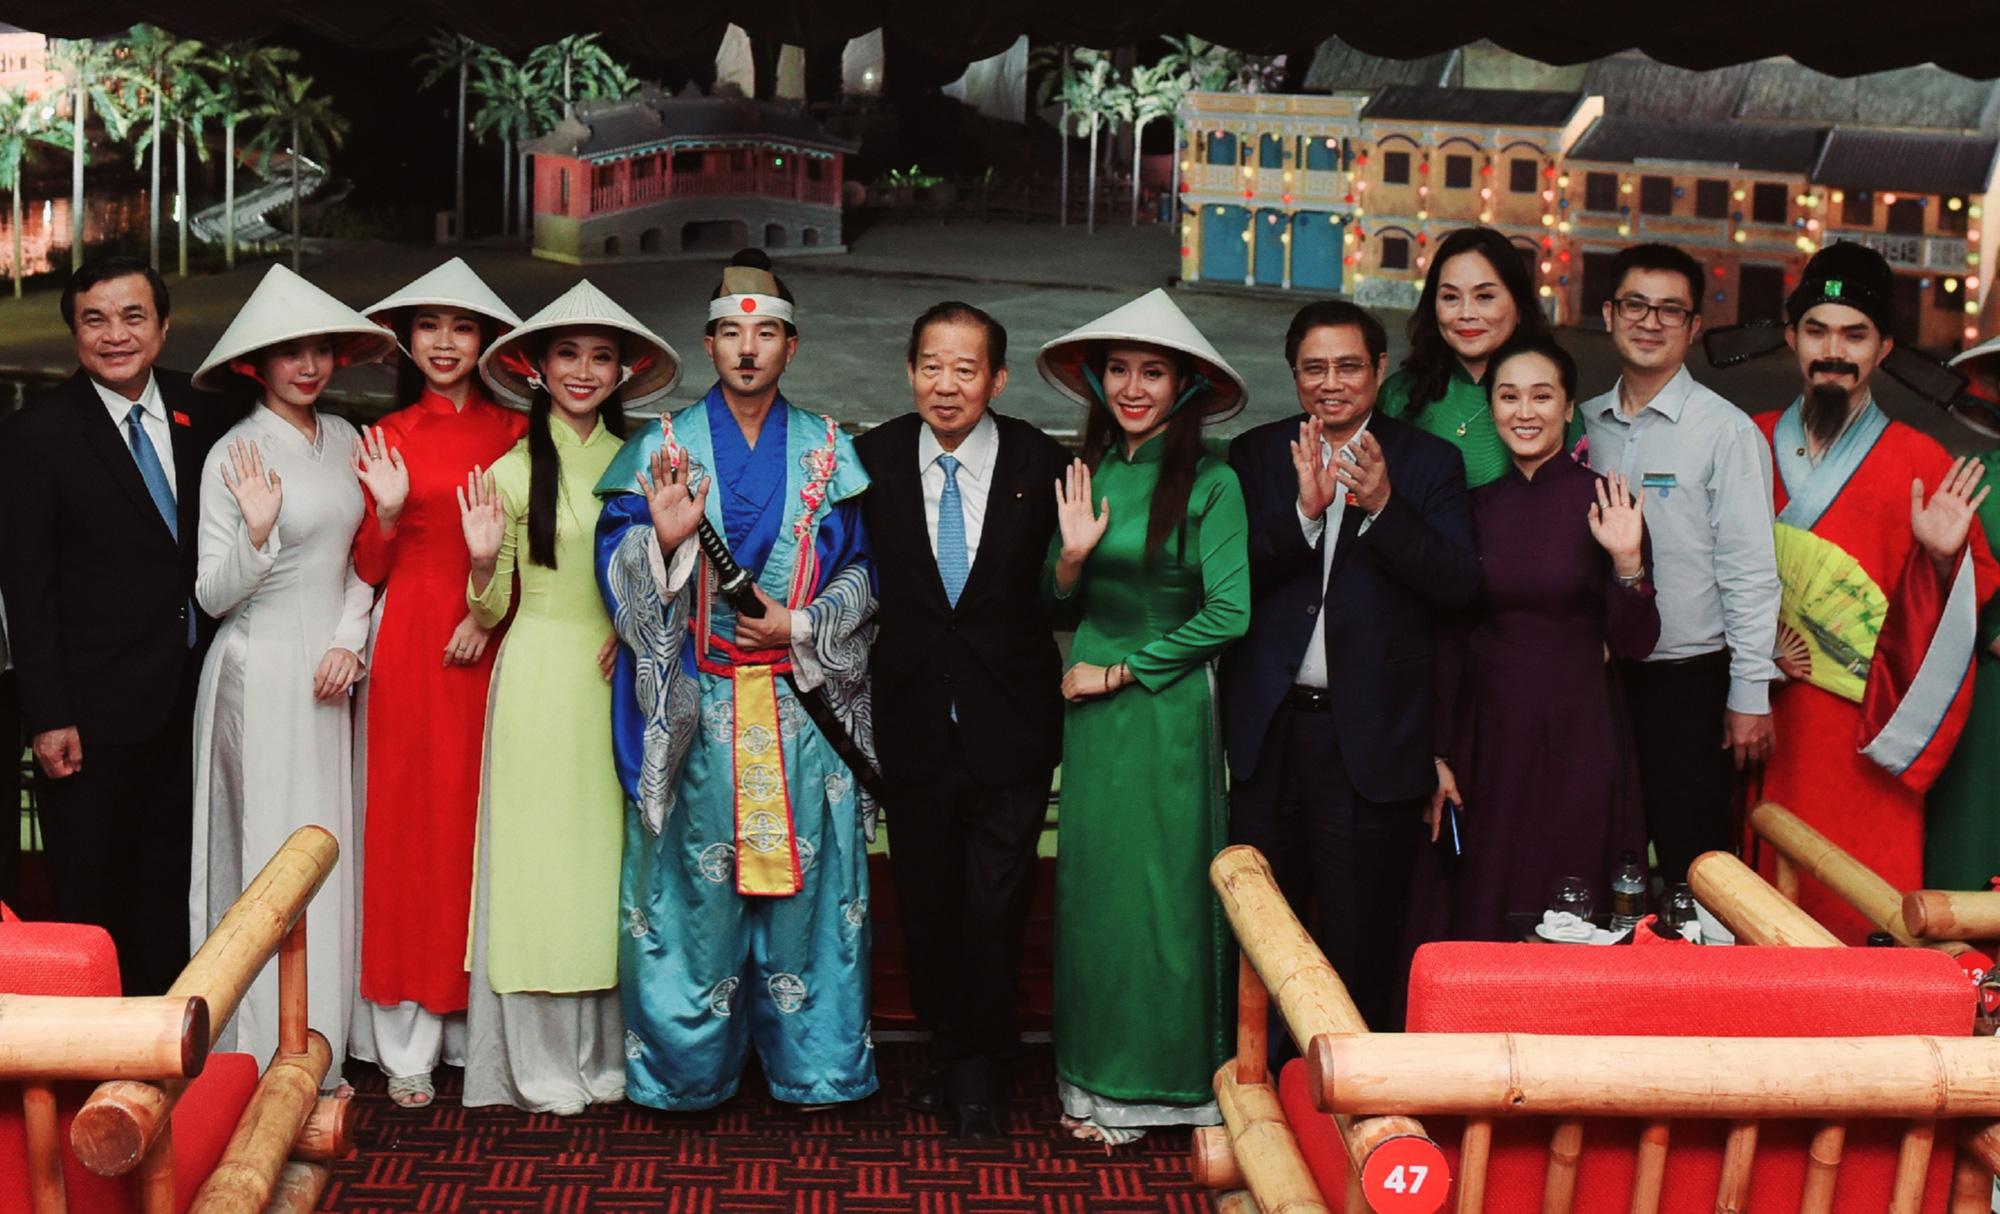 Đoàn giao lưu kinh tế, văn hóa và du lịch Nhật Bản xem show diễn thực cảnh Ký Ức Hội An - Ảnh 1.